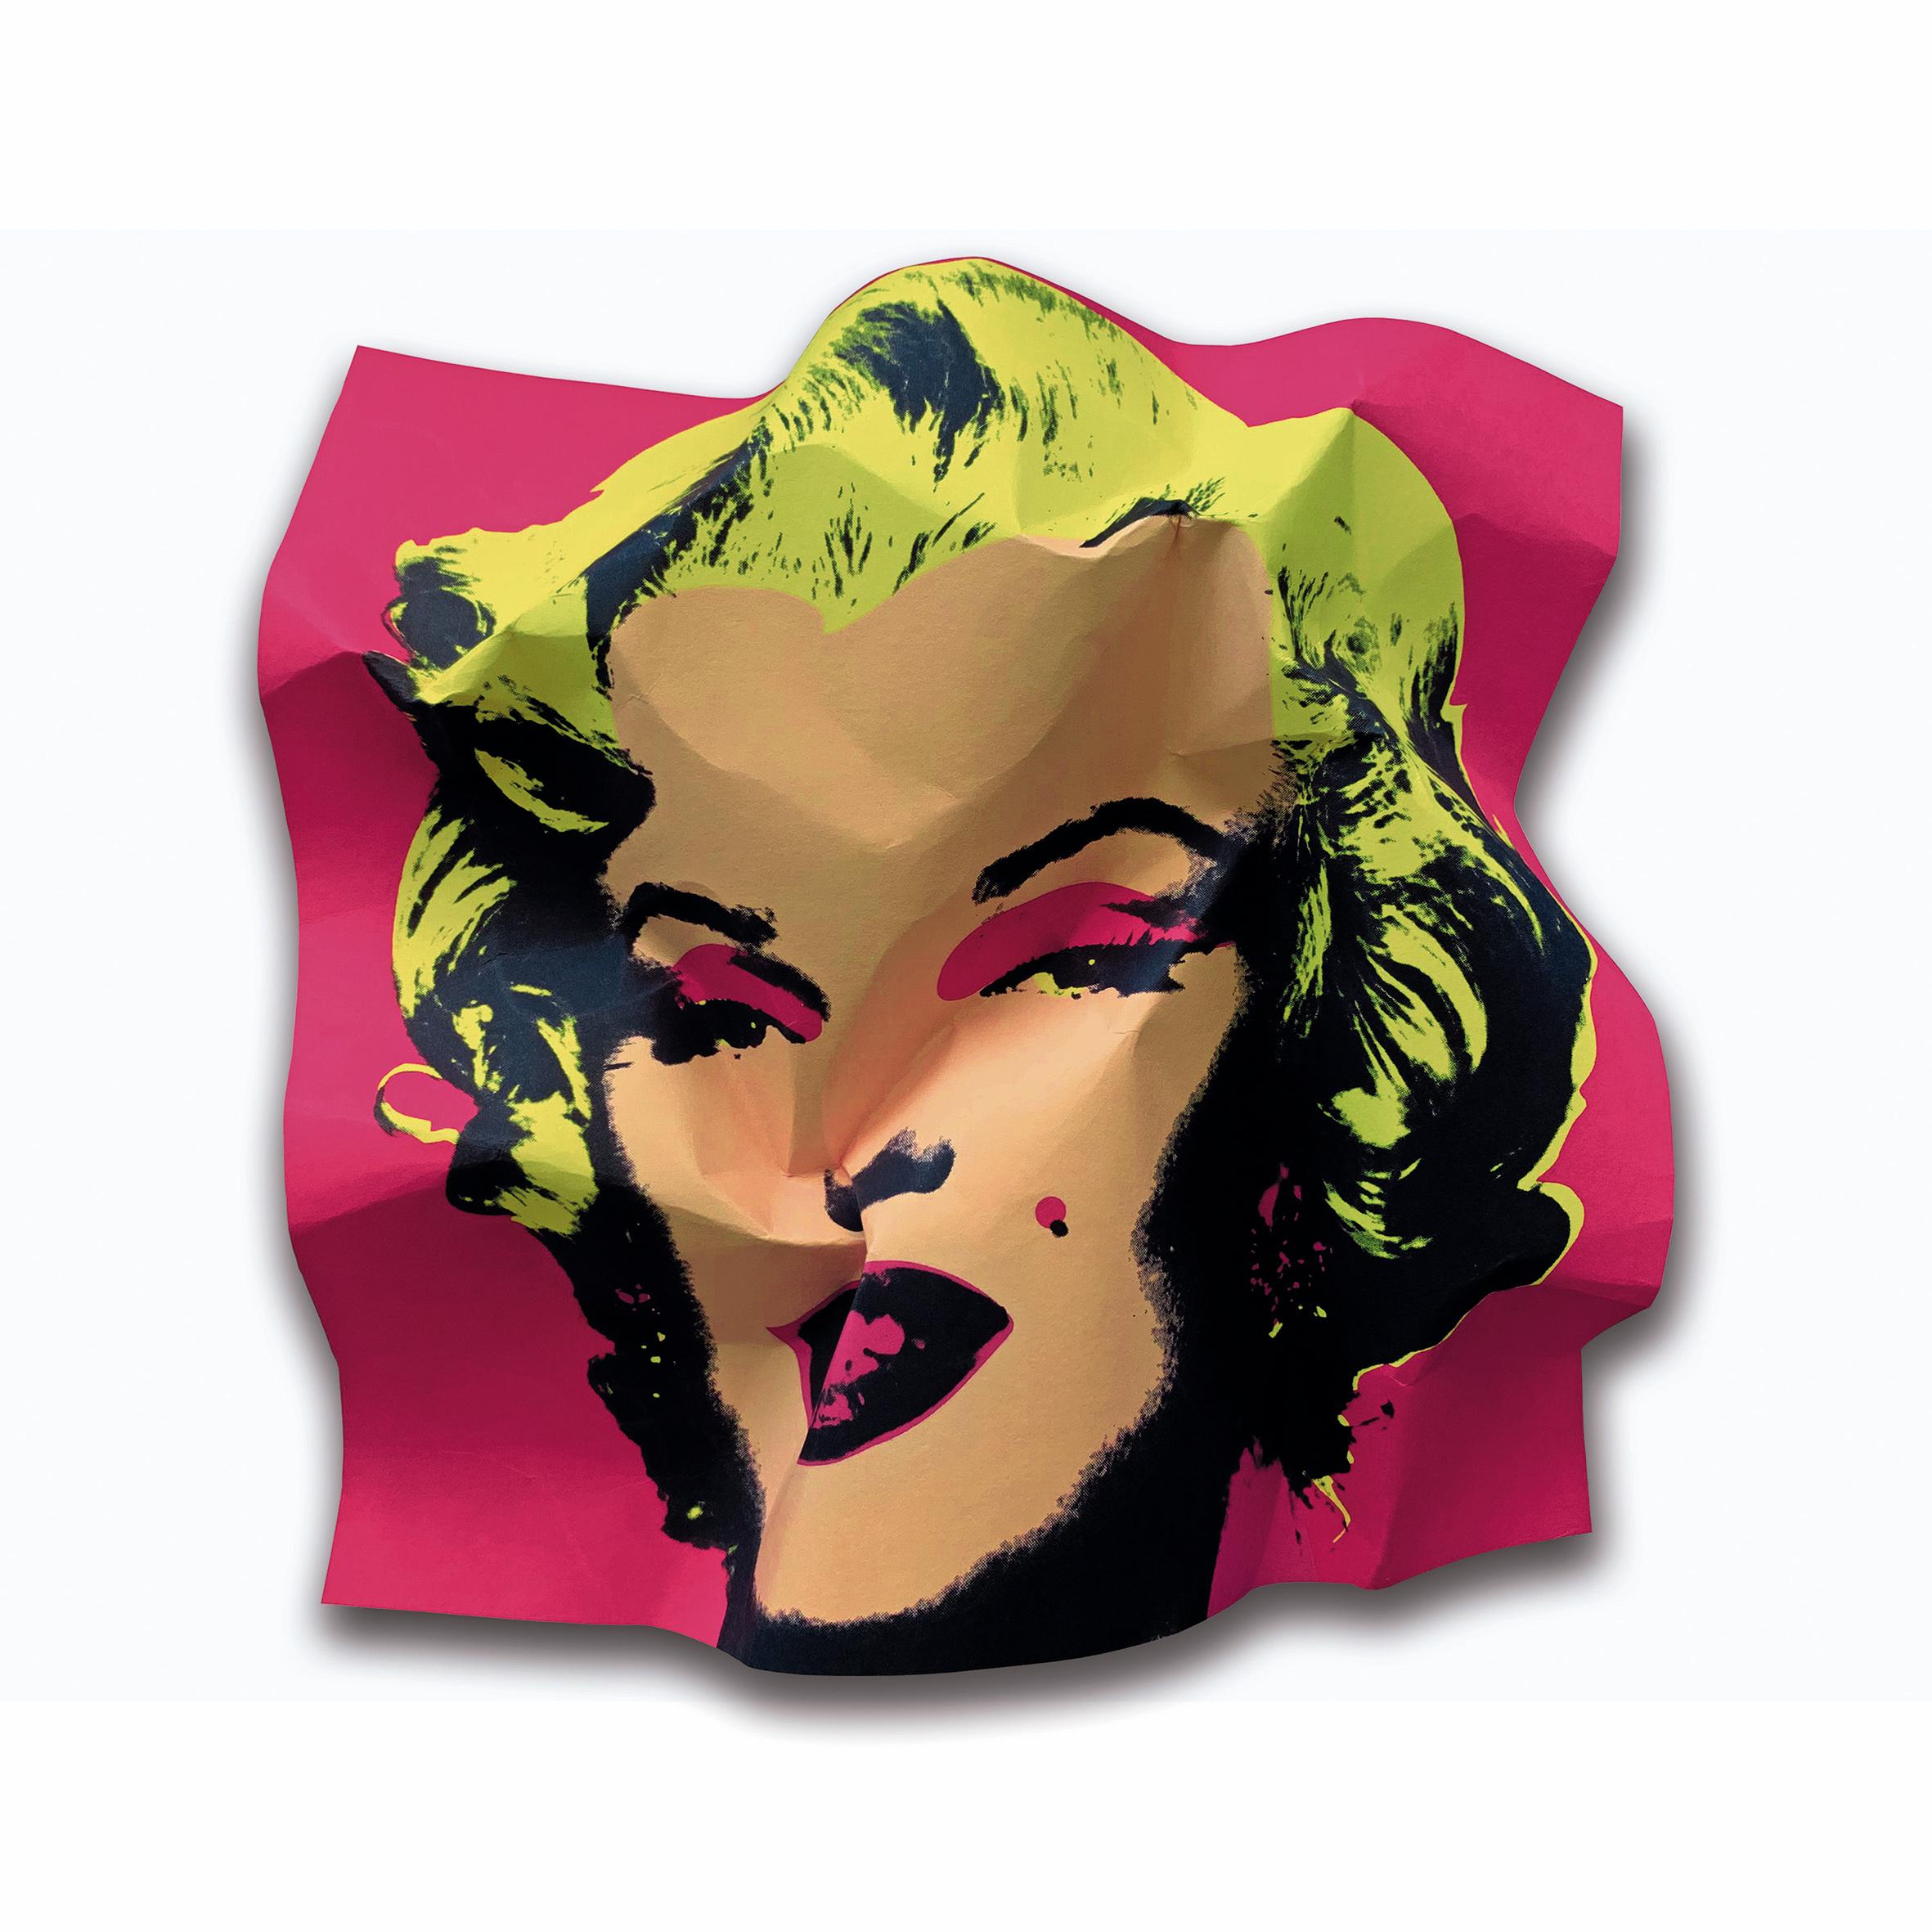 Warhol 1 120 x 120